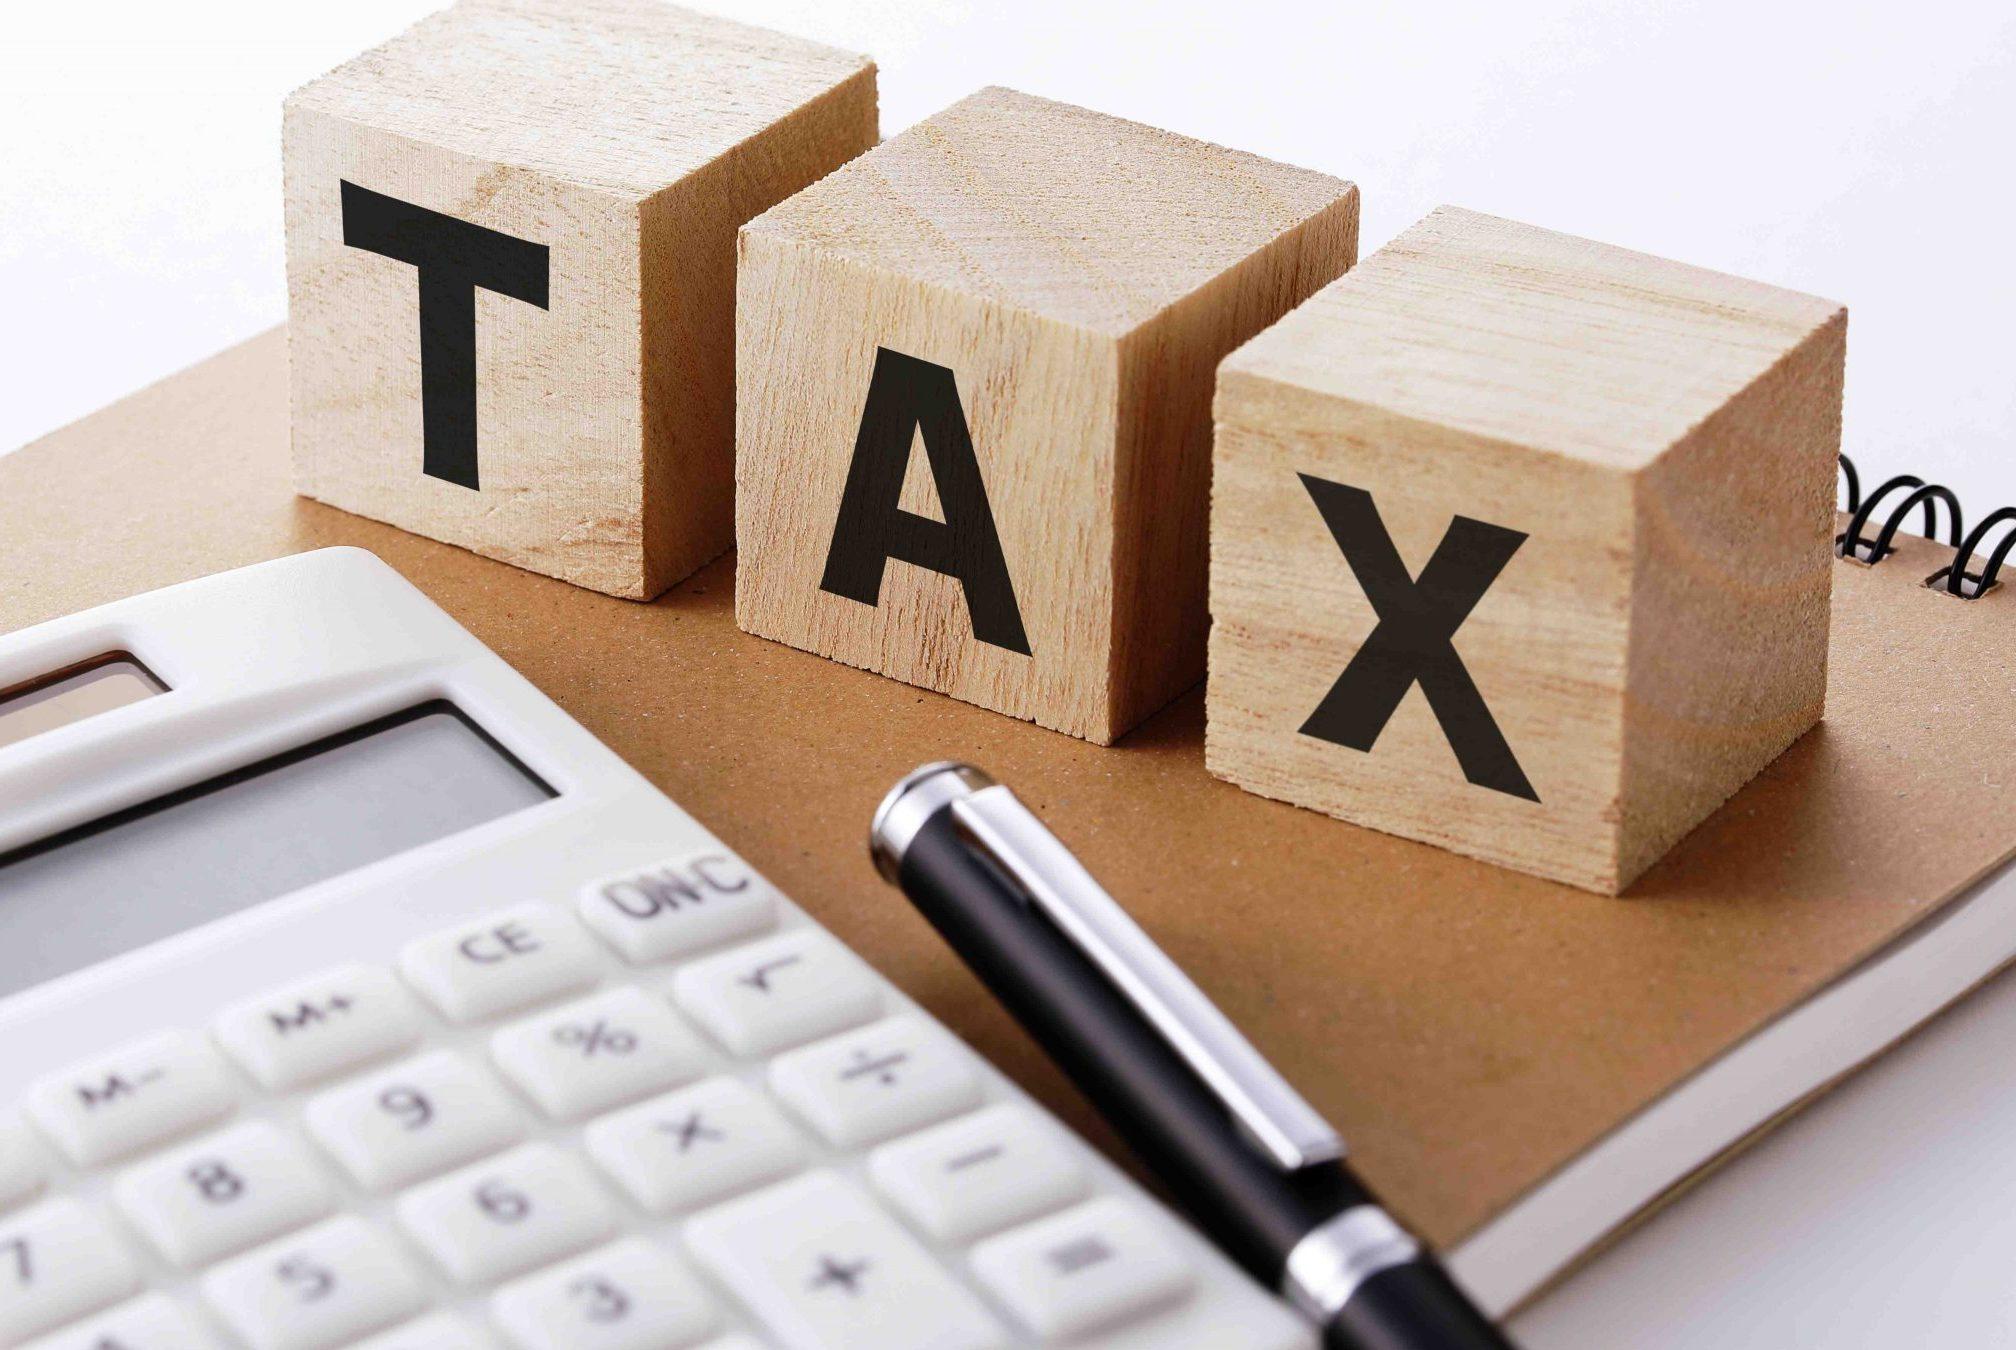 【確定申告】フリマアプリ、ネットオークションの儲けも税金がかかる?